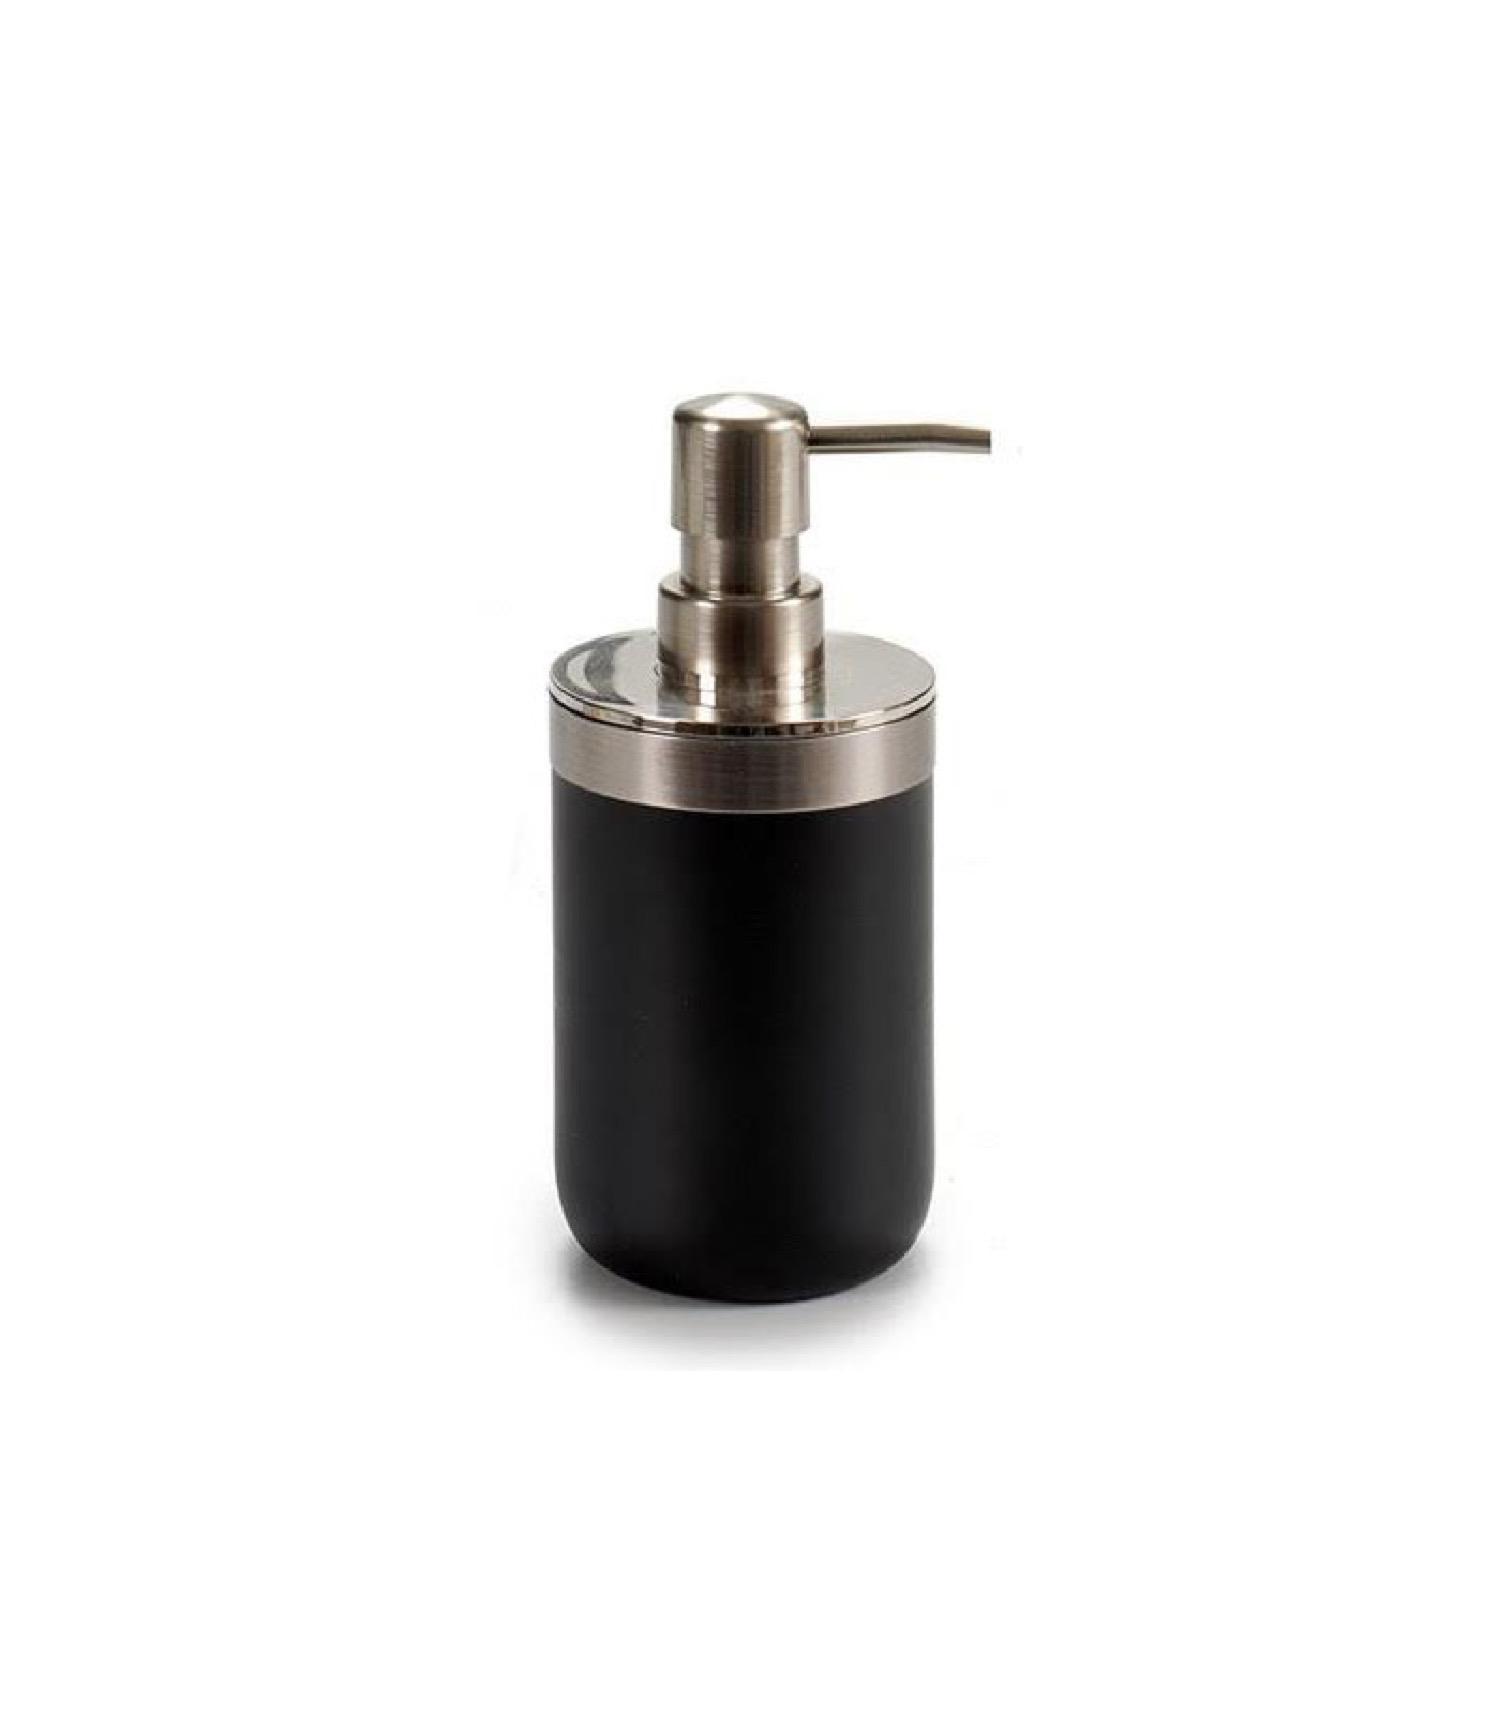 Distributeur de savon rond inox et plastique noir